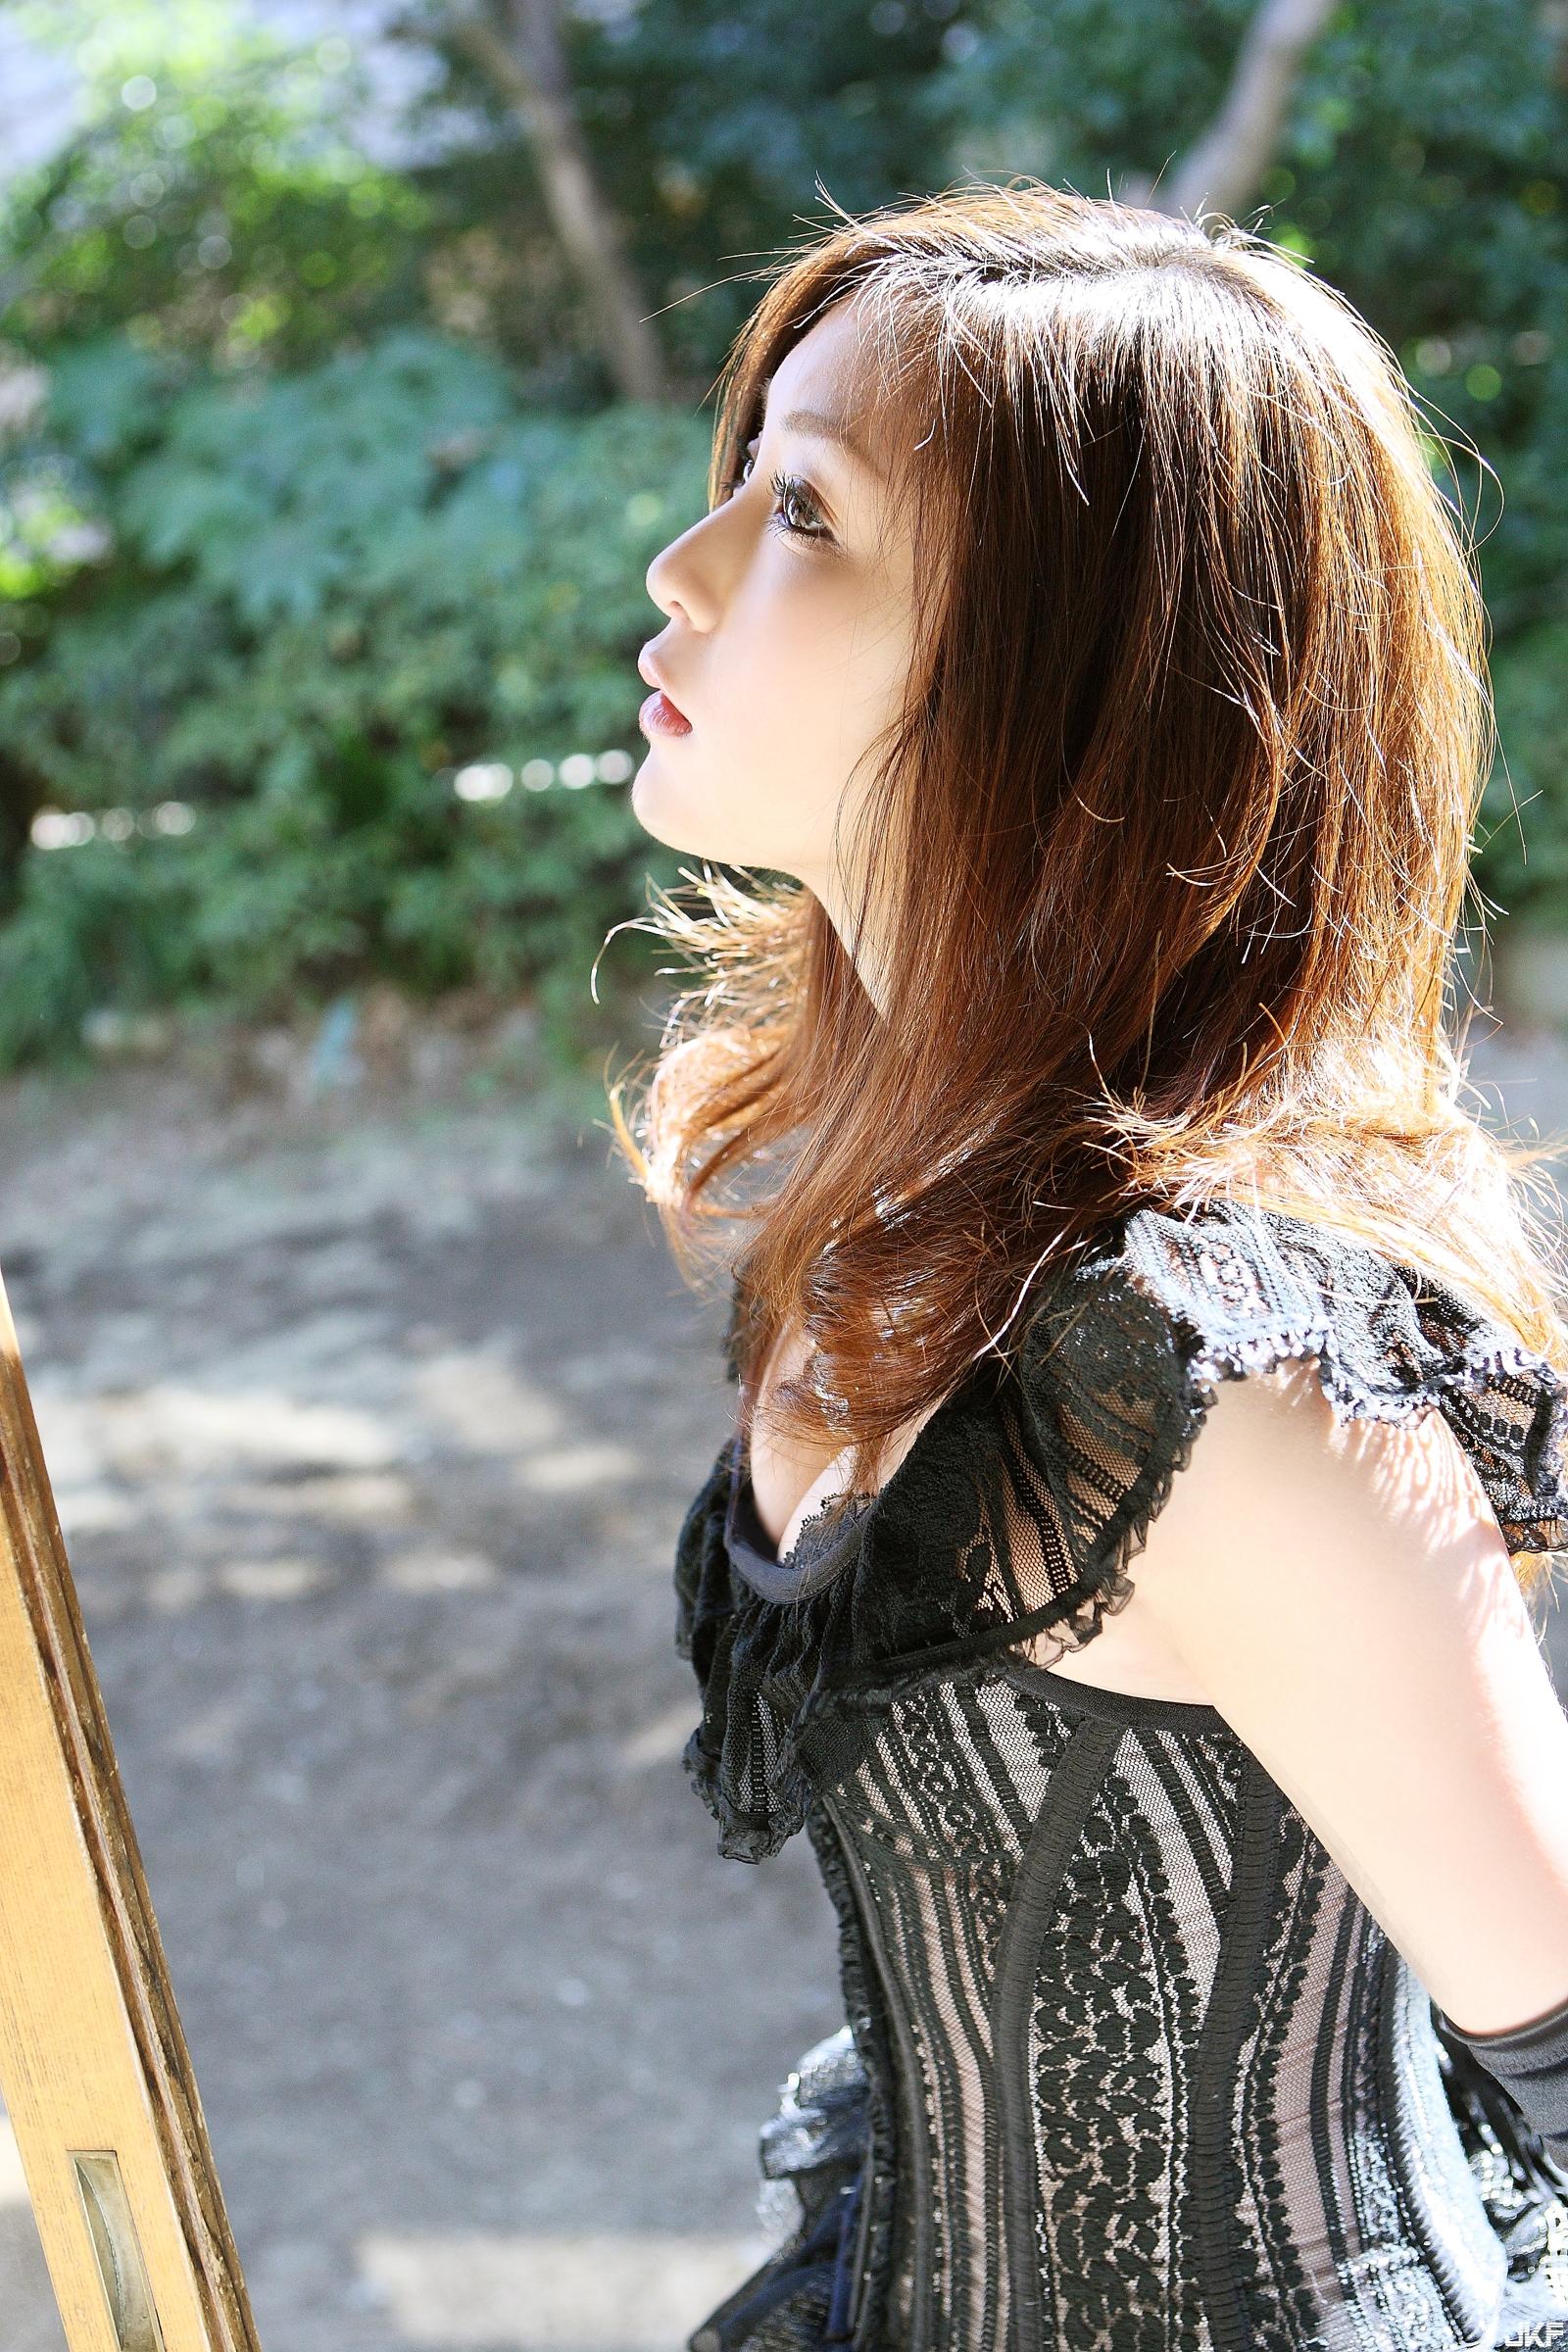 tatsumi-natsuko-574274.jpg